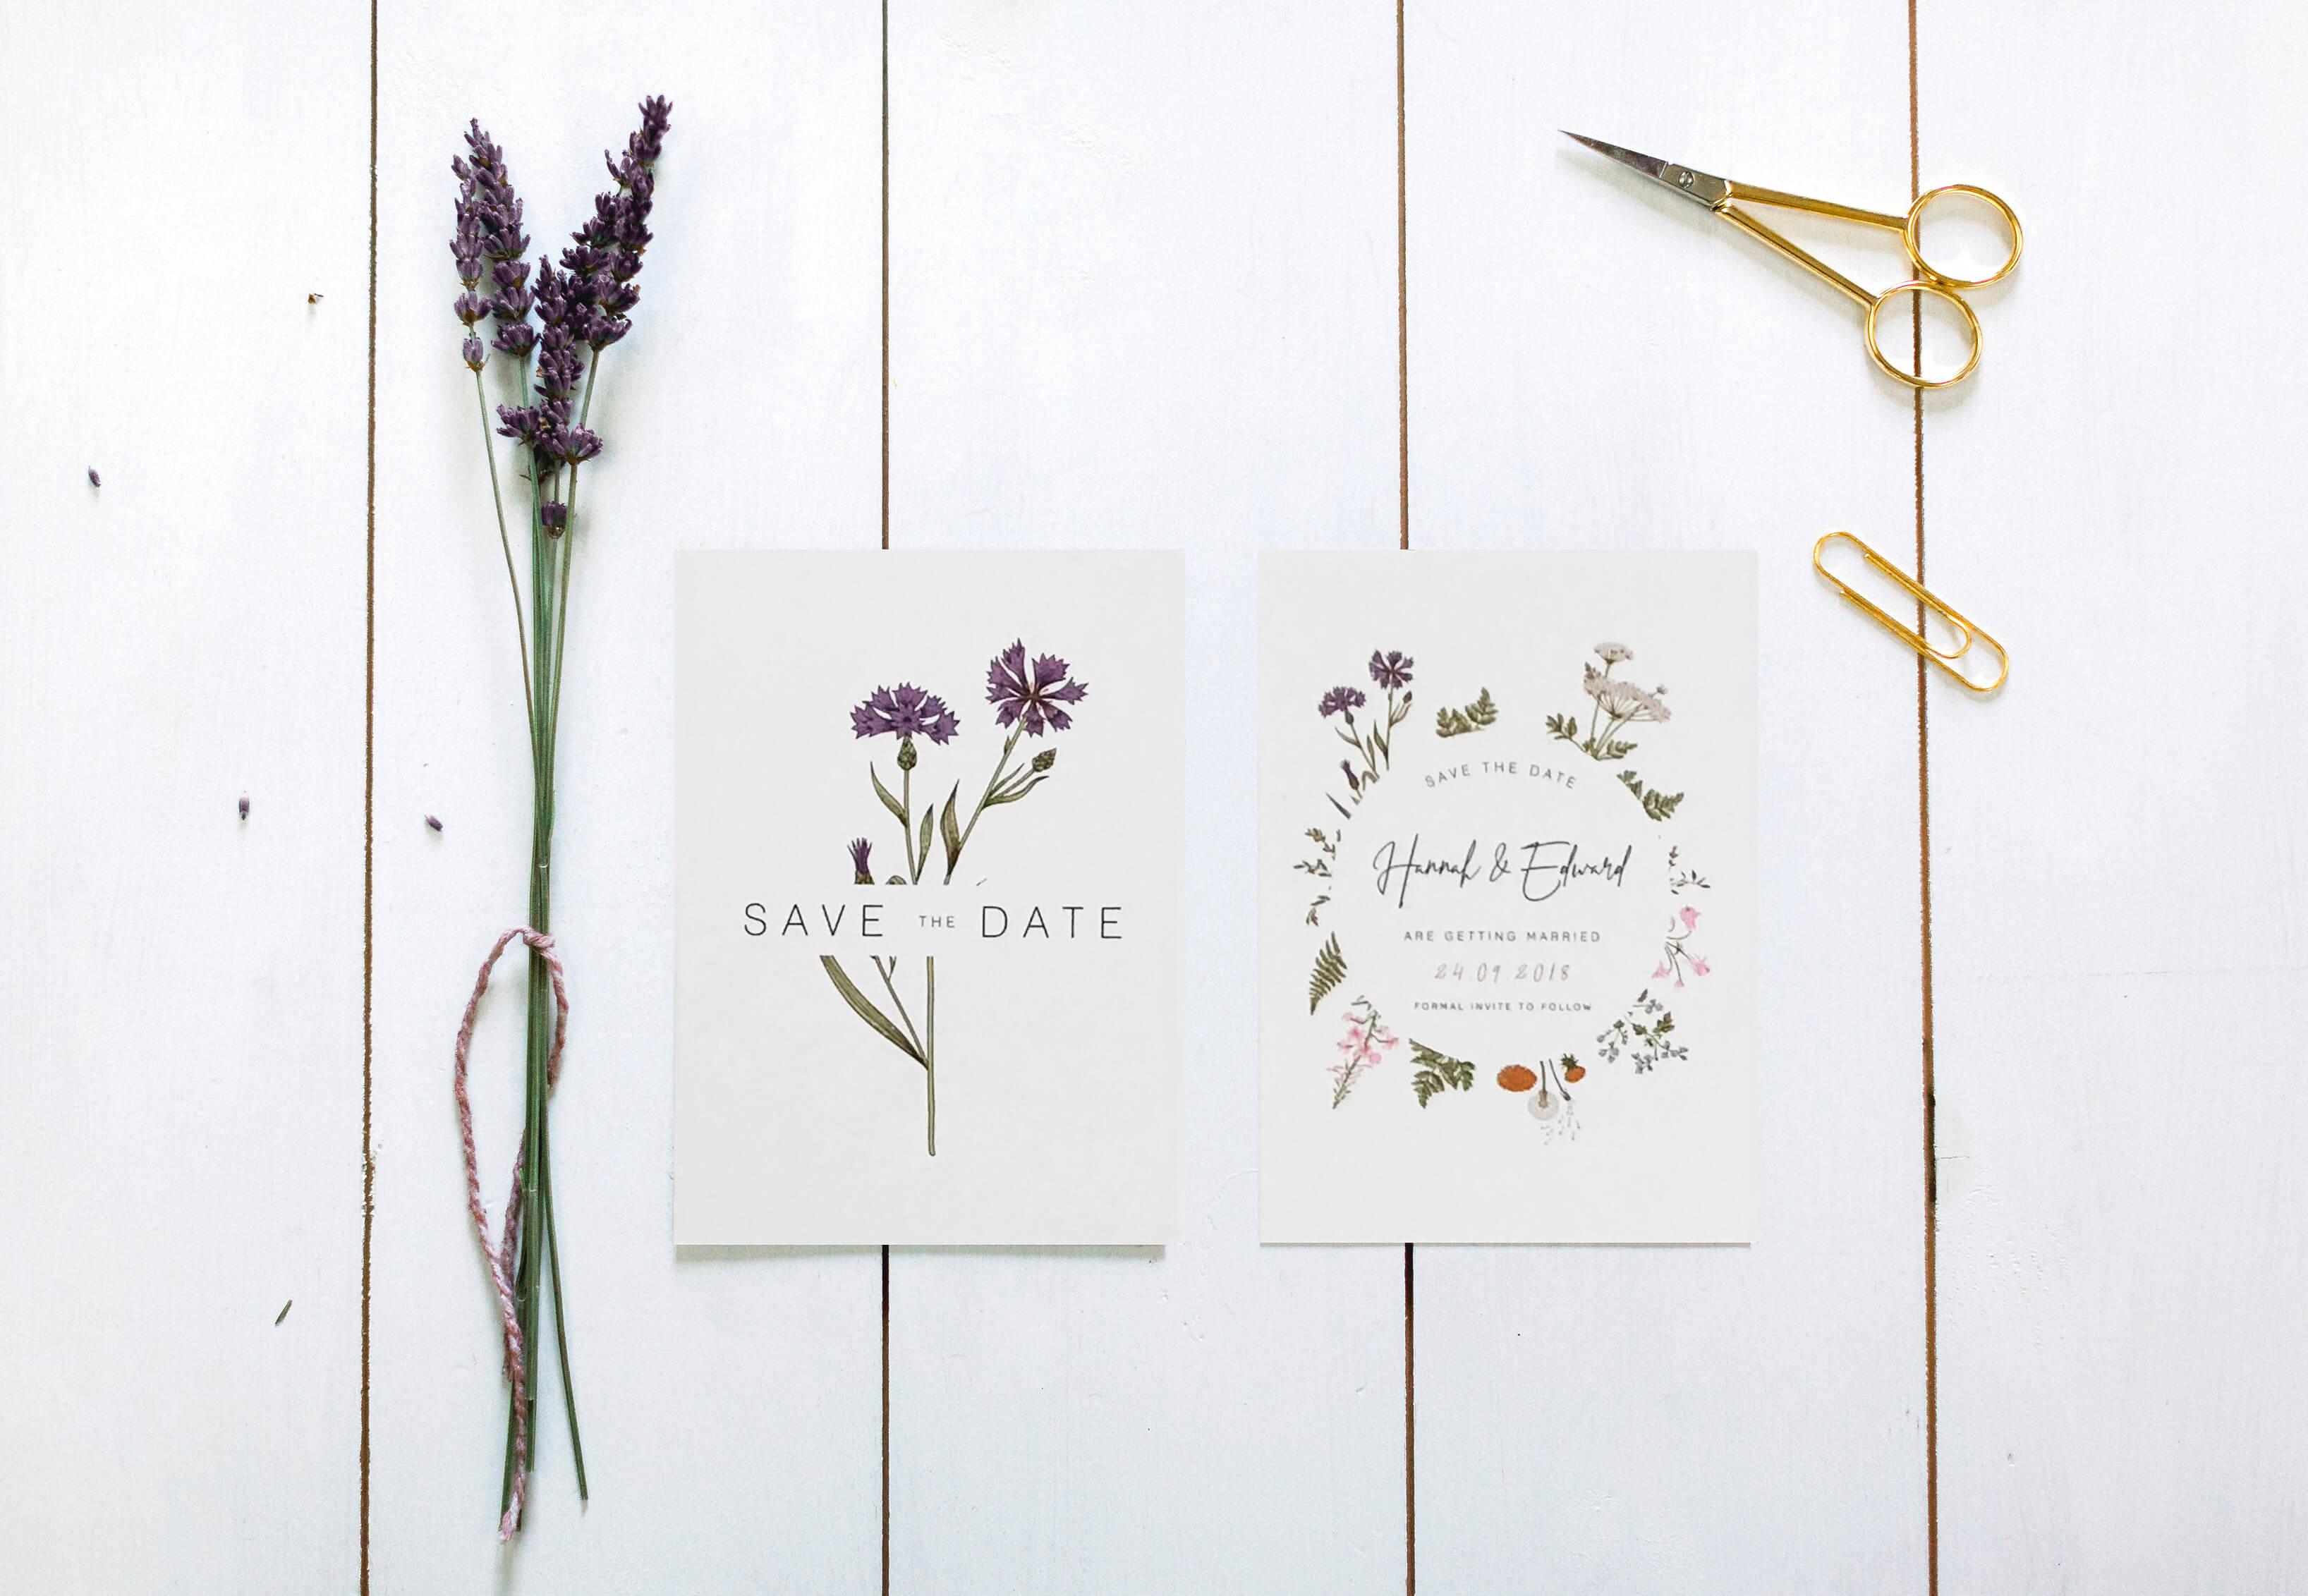 Wedding Invitations Manchester: Bespoke Wedding Stationery, Invitations In